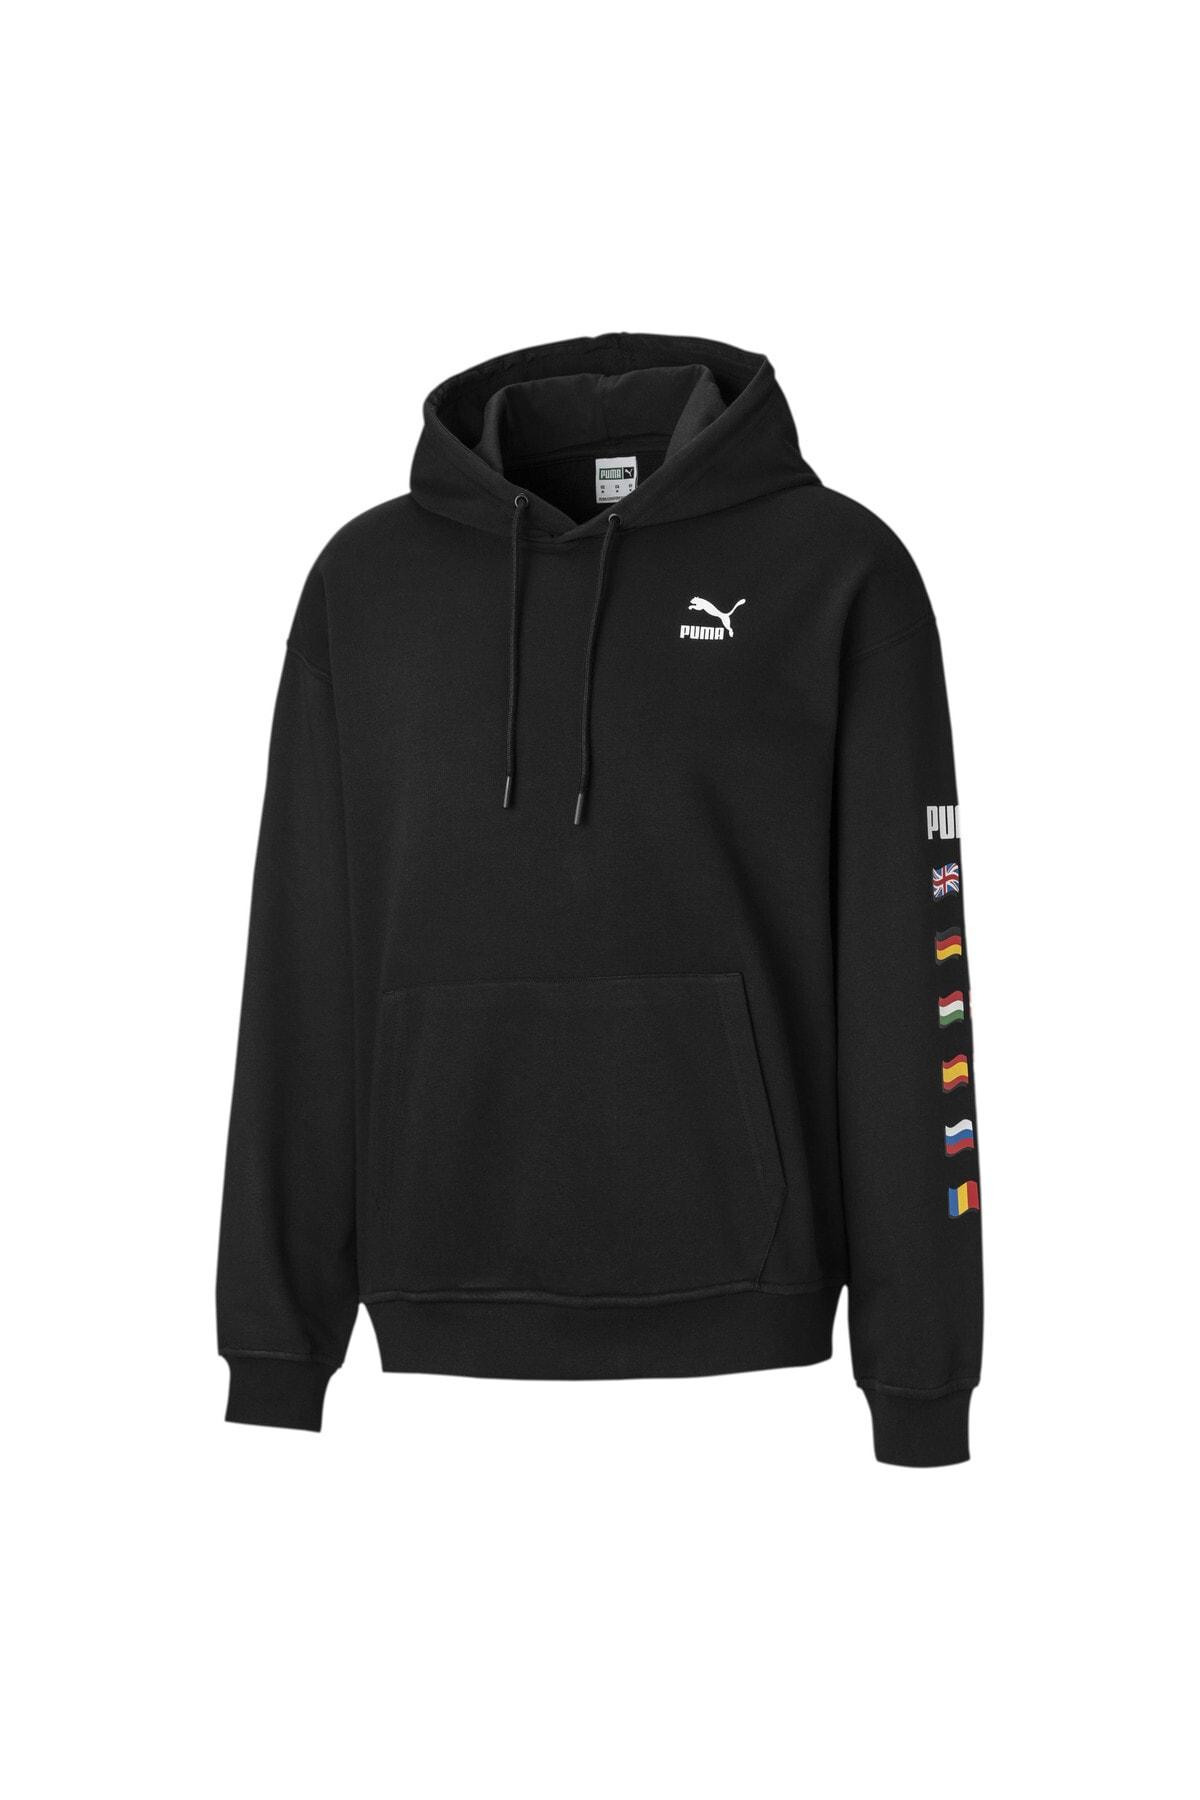 Puma FLAG GRAPHIC Erkek Kapüşonlu Sweatshirt